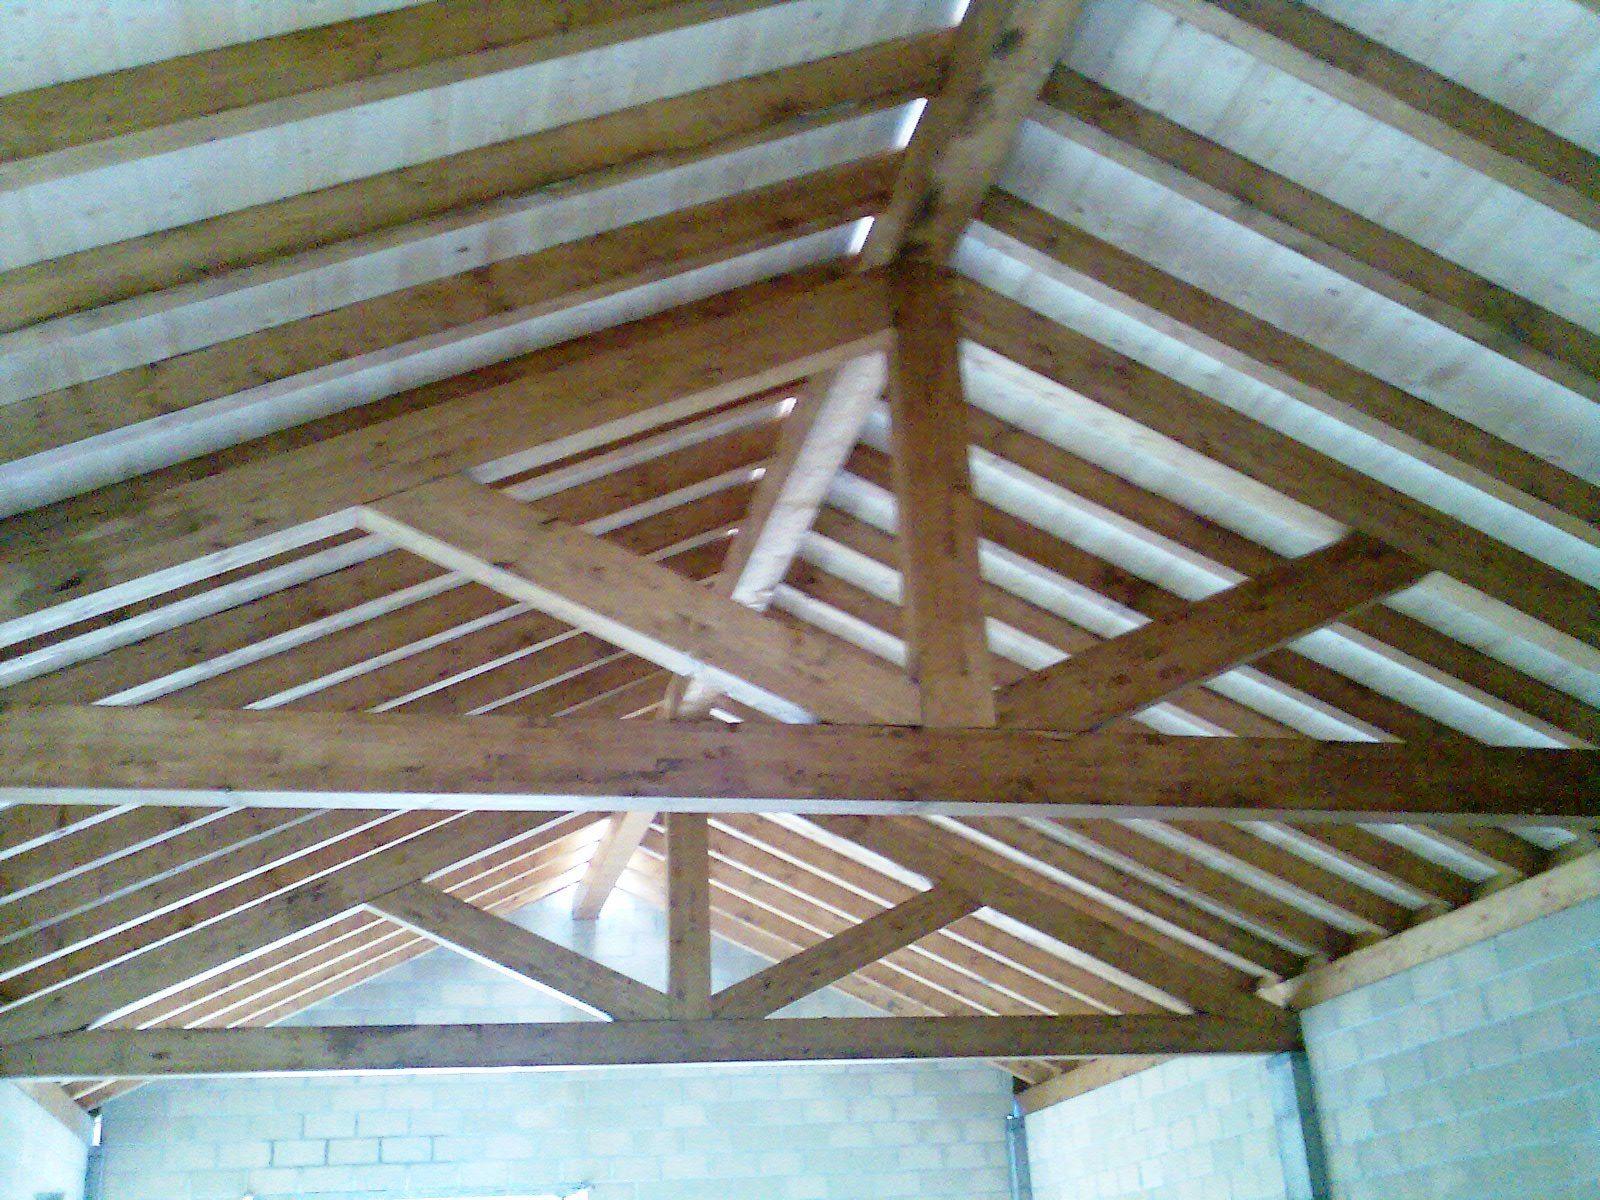 Cerchas madera para cubiertas image search - Estructura tejado madera ...